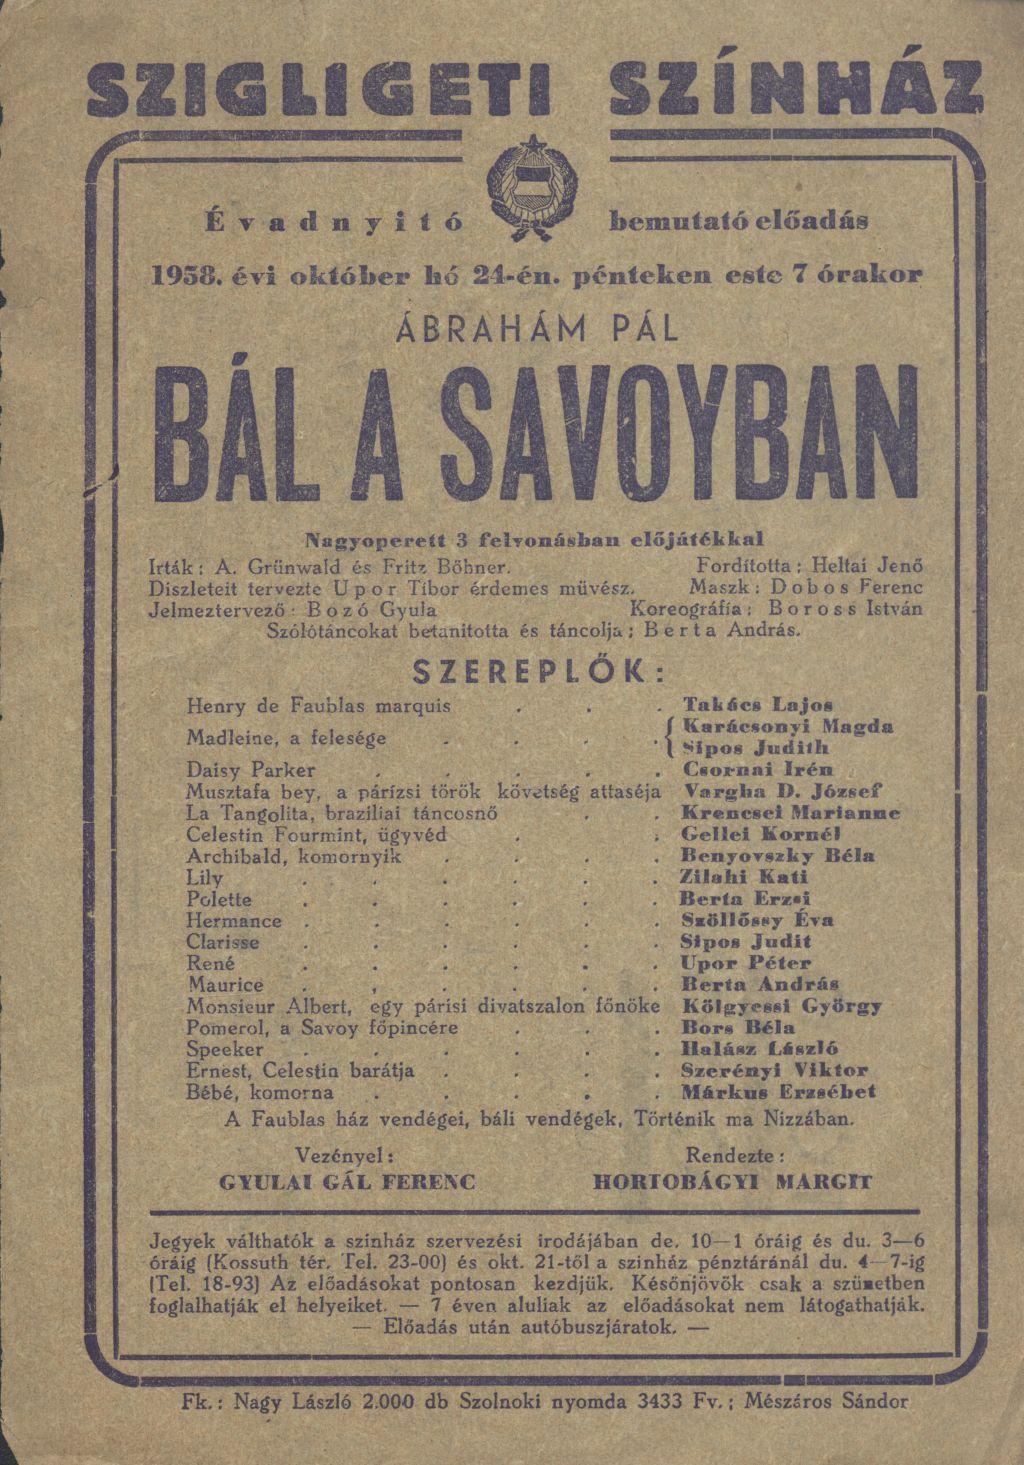 A Szigligeti Színház évadnyitó bemutató előadása. Ábrahám Pál: Bál a Savoyban nagyoperett 3 felvonásban előjátékkal